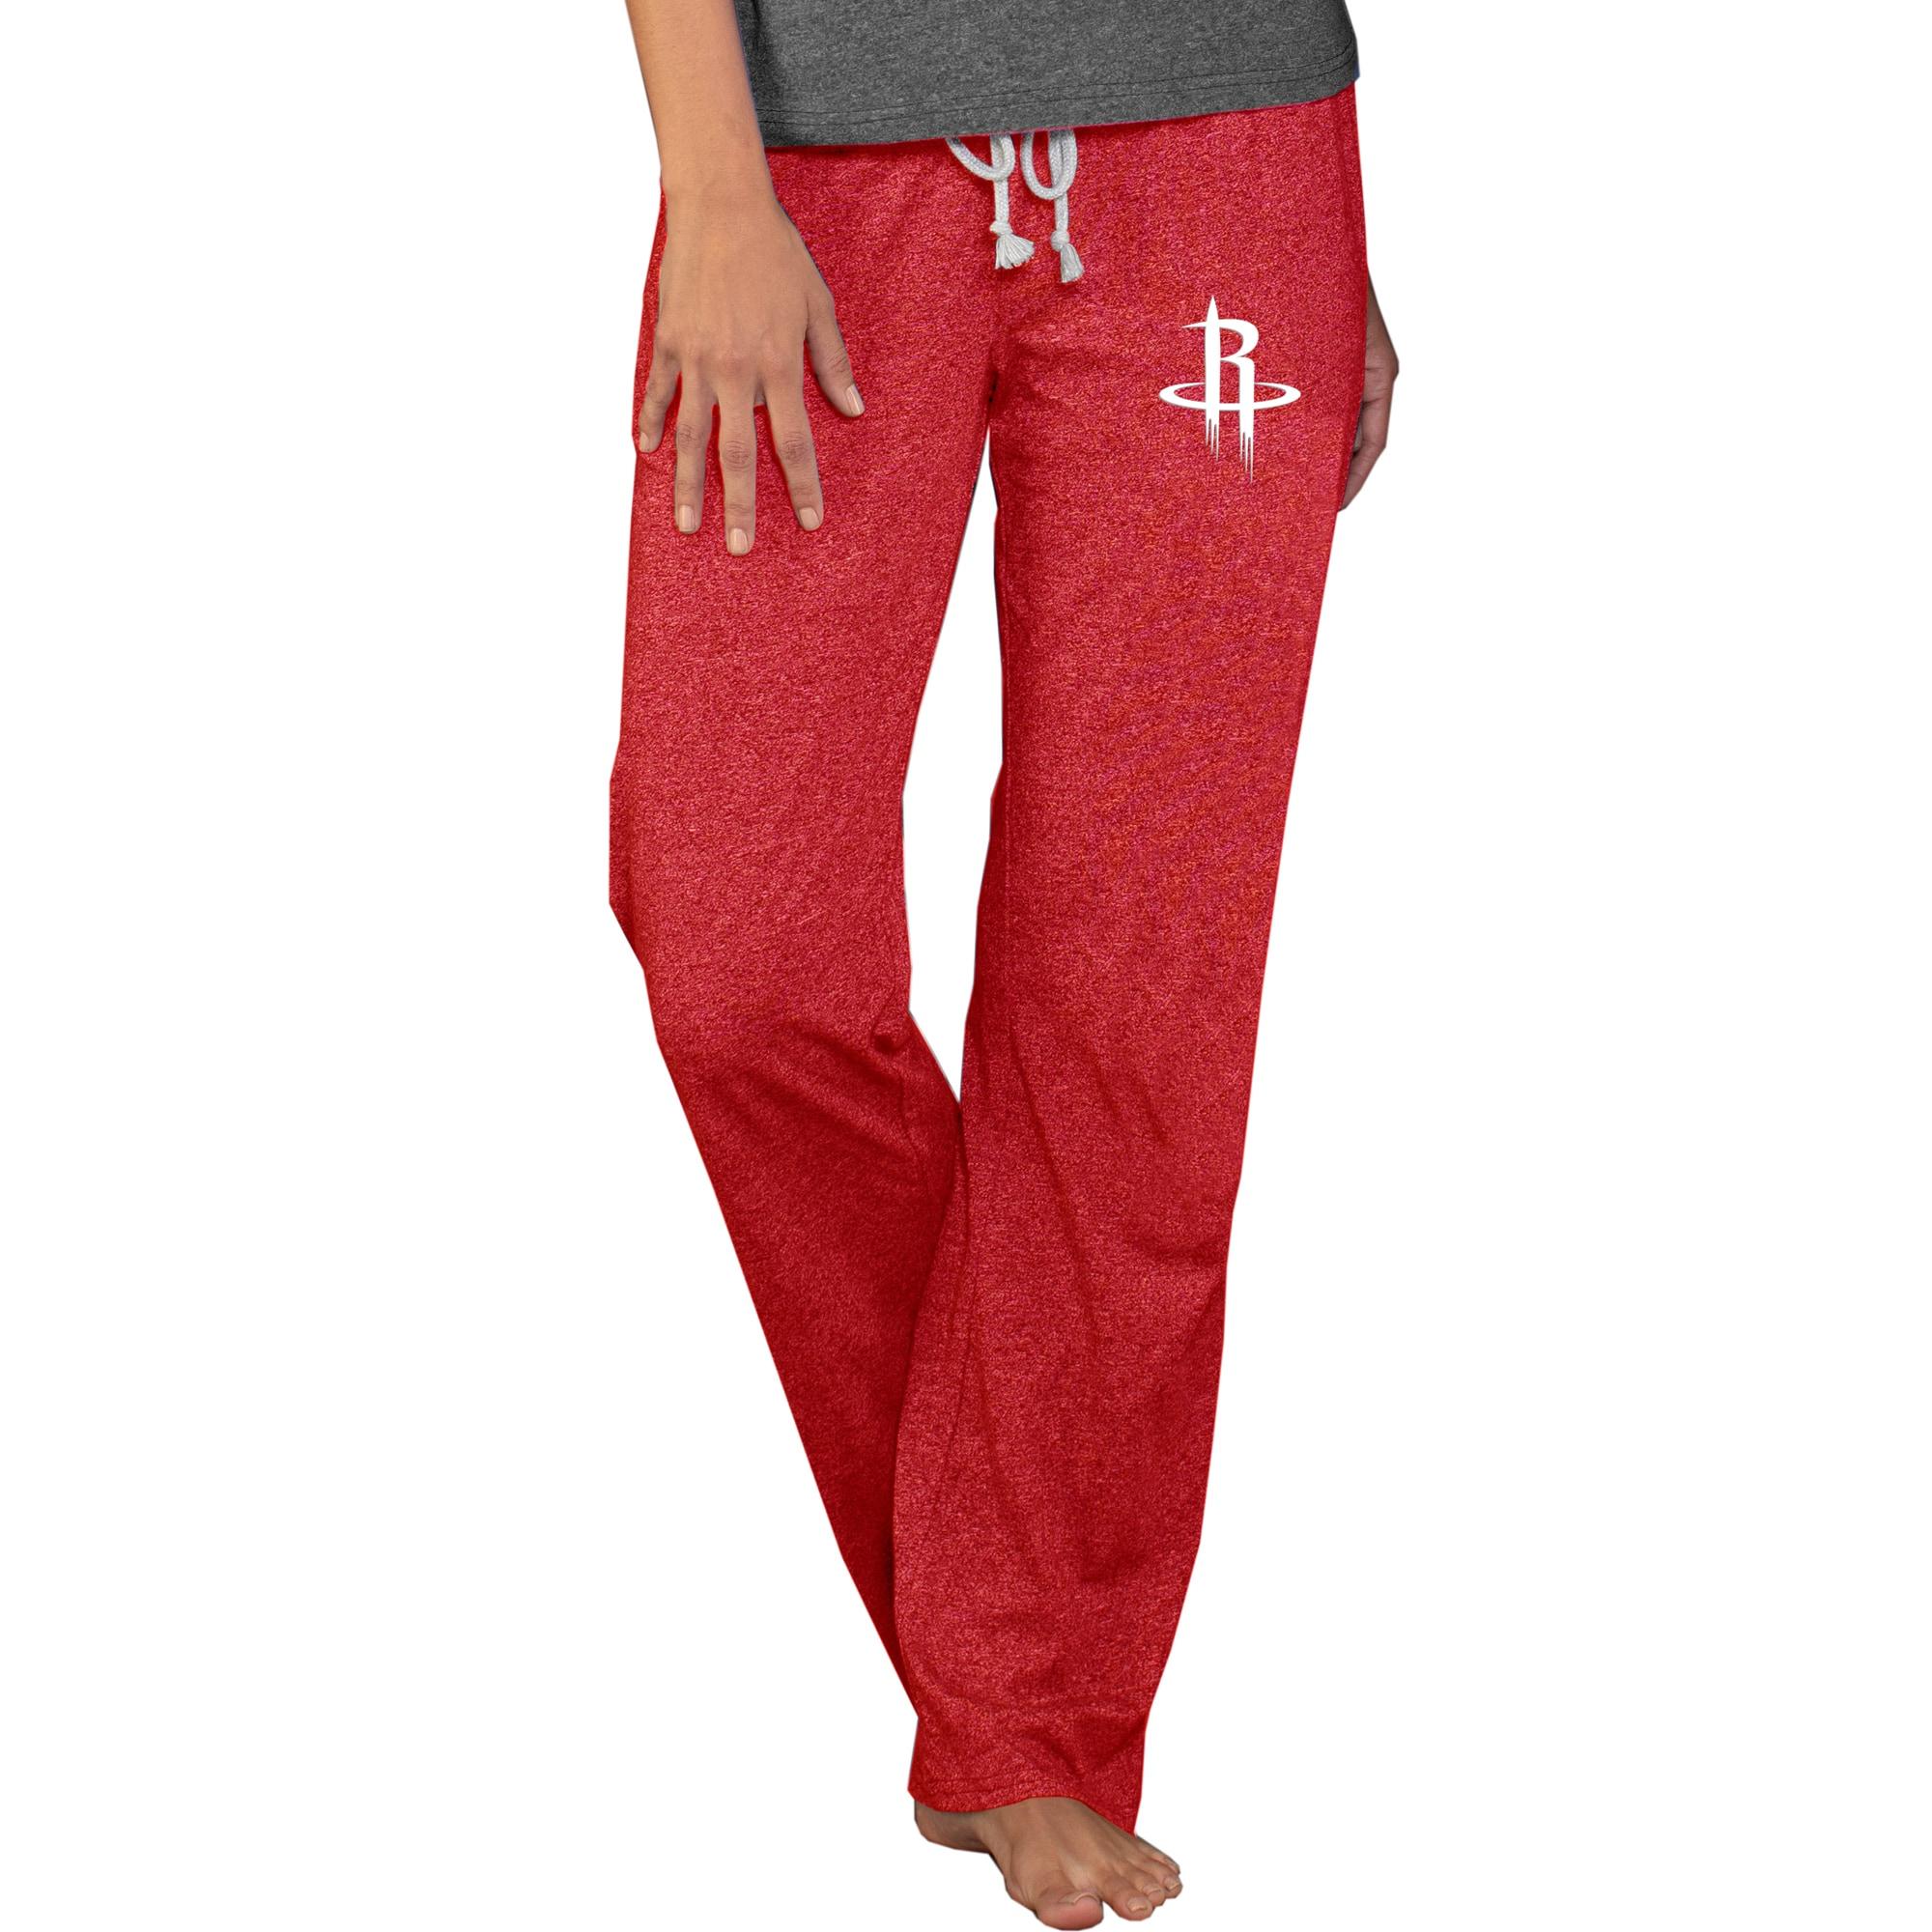 Houston Rockets Concepts Sport Women's Quest Knit Pants - Red